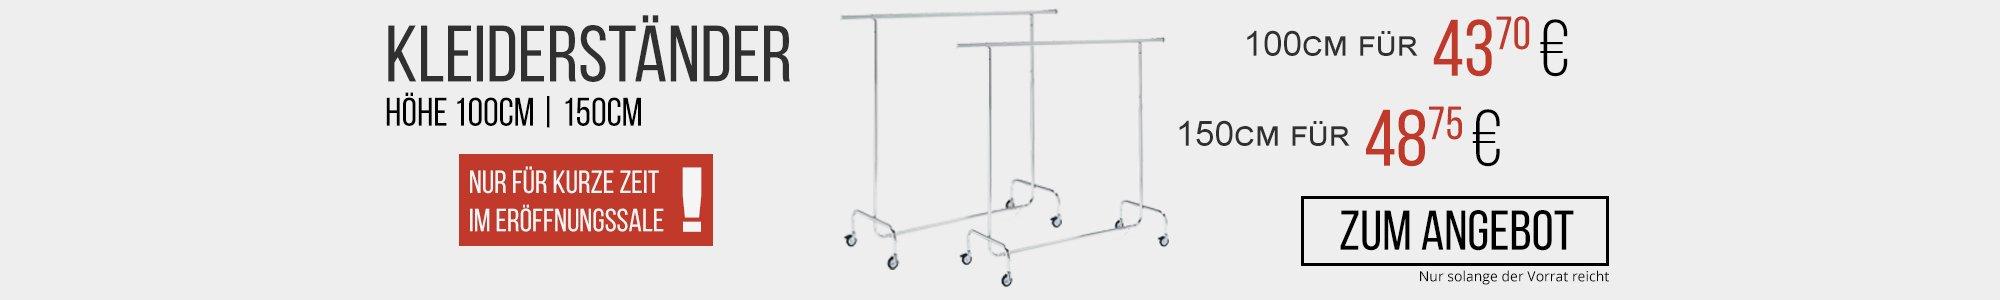 Kleiderständer in 100 oder 150cm ab 43.70EUR